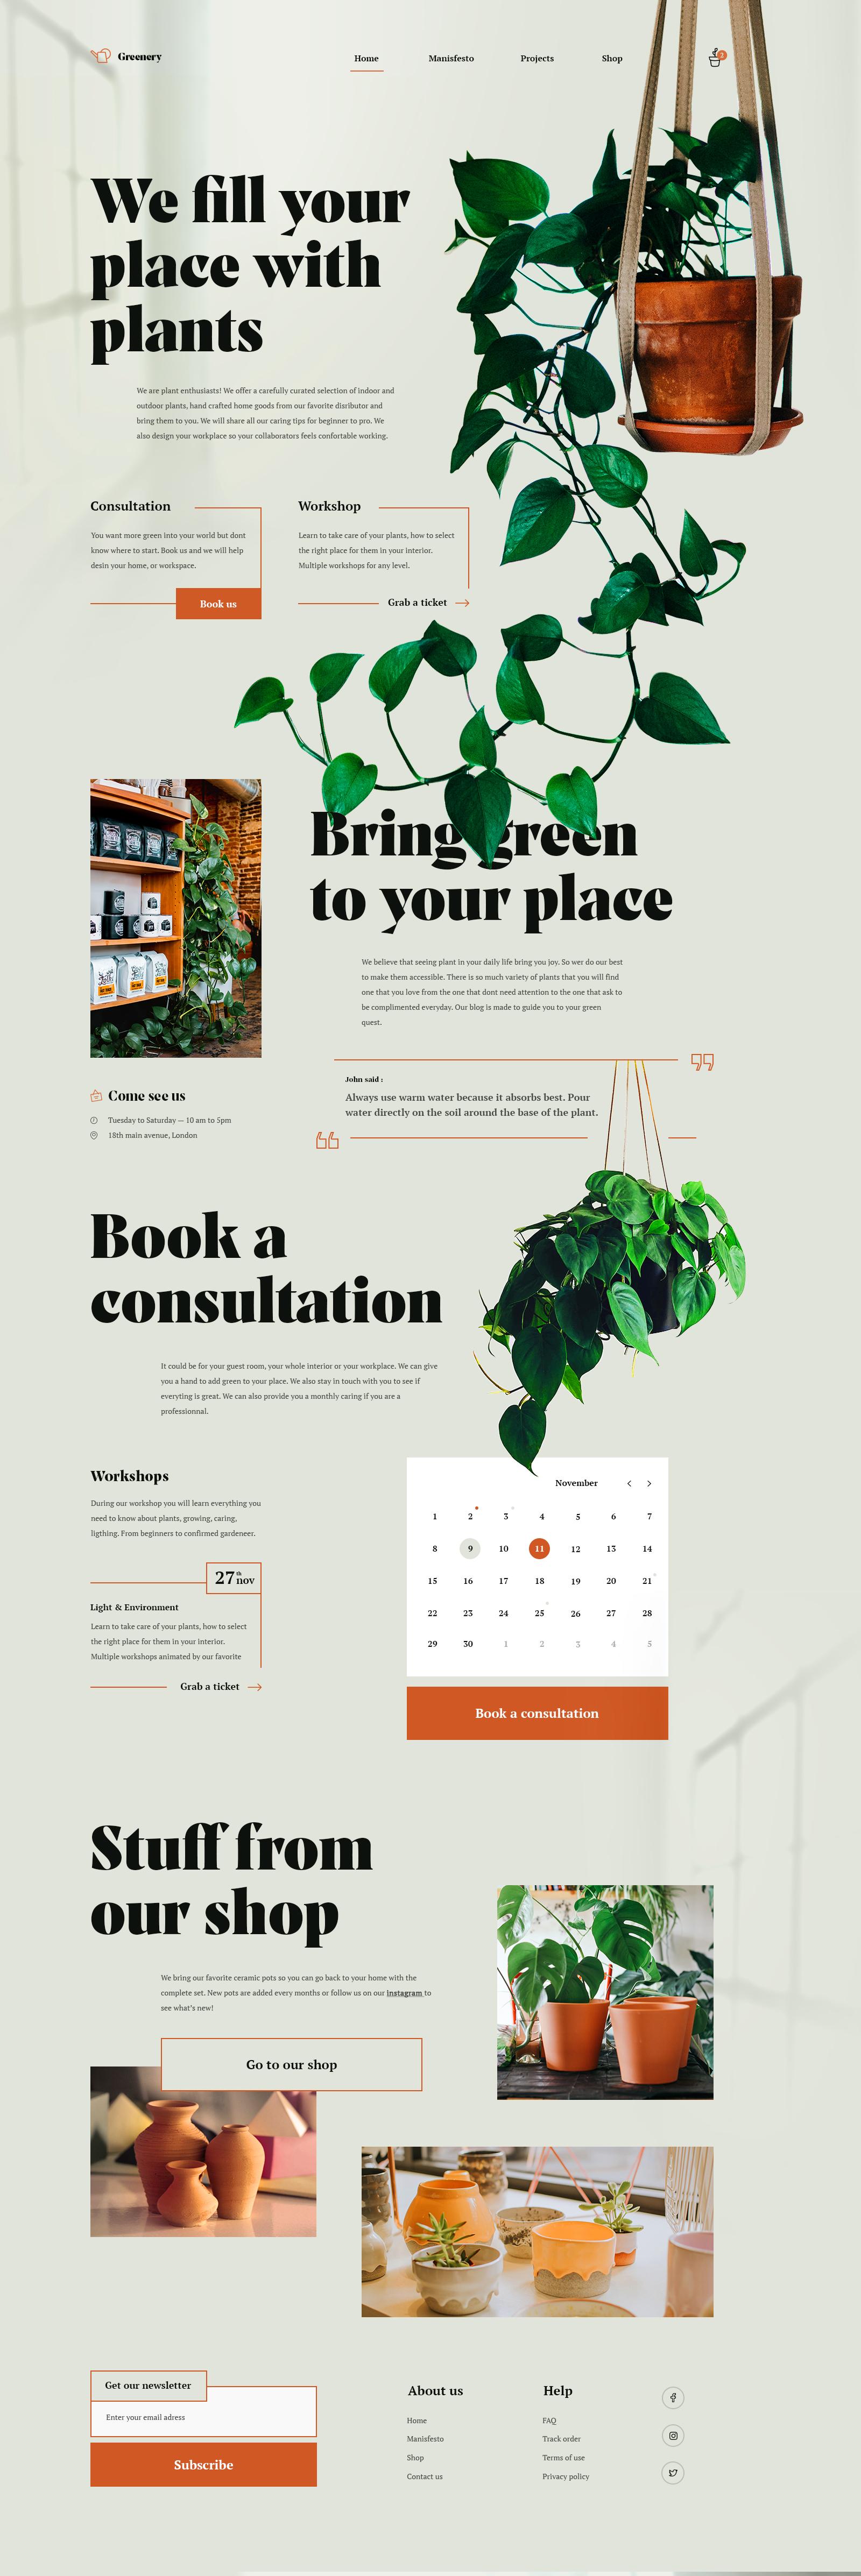 20180611 plantshop